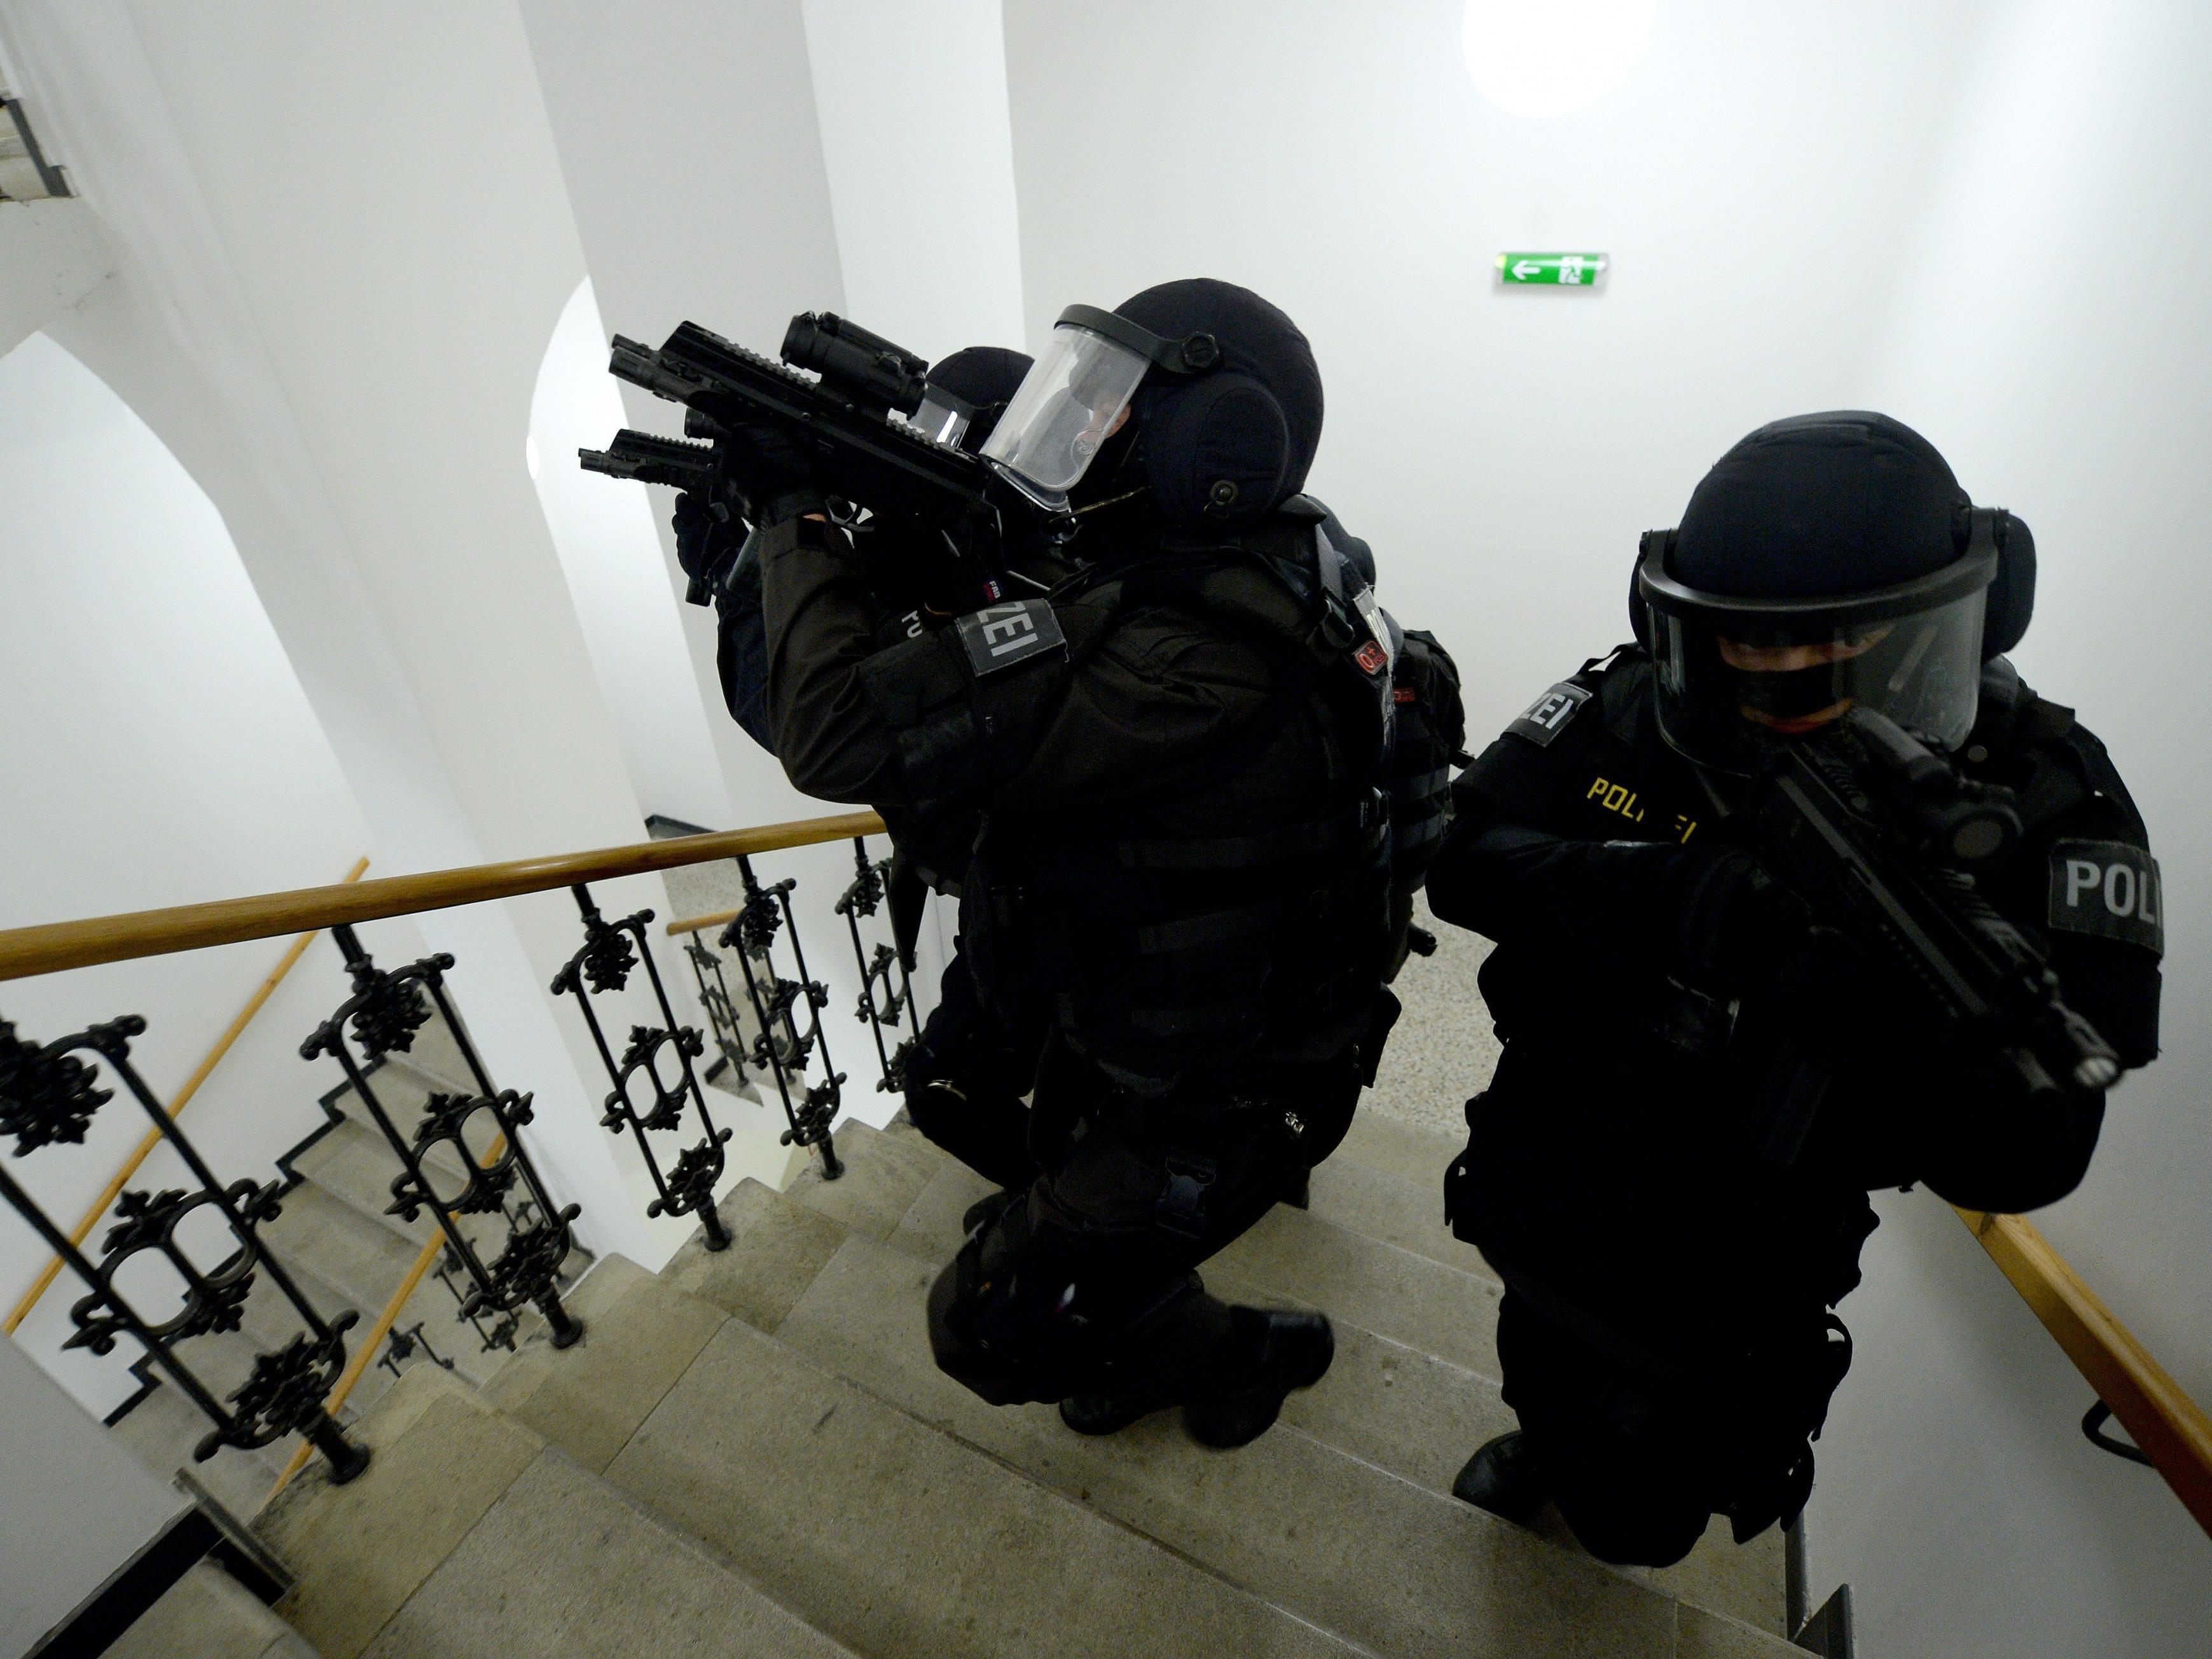 Polizisten der Sondereinheiten Cobra und WEGA waren im Einsatz